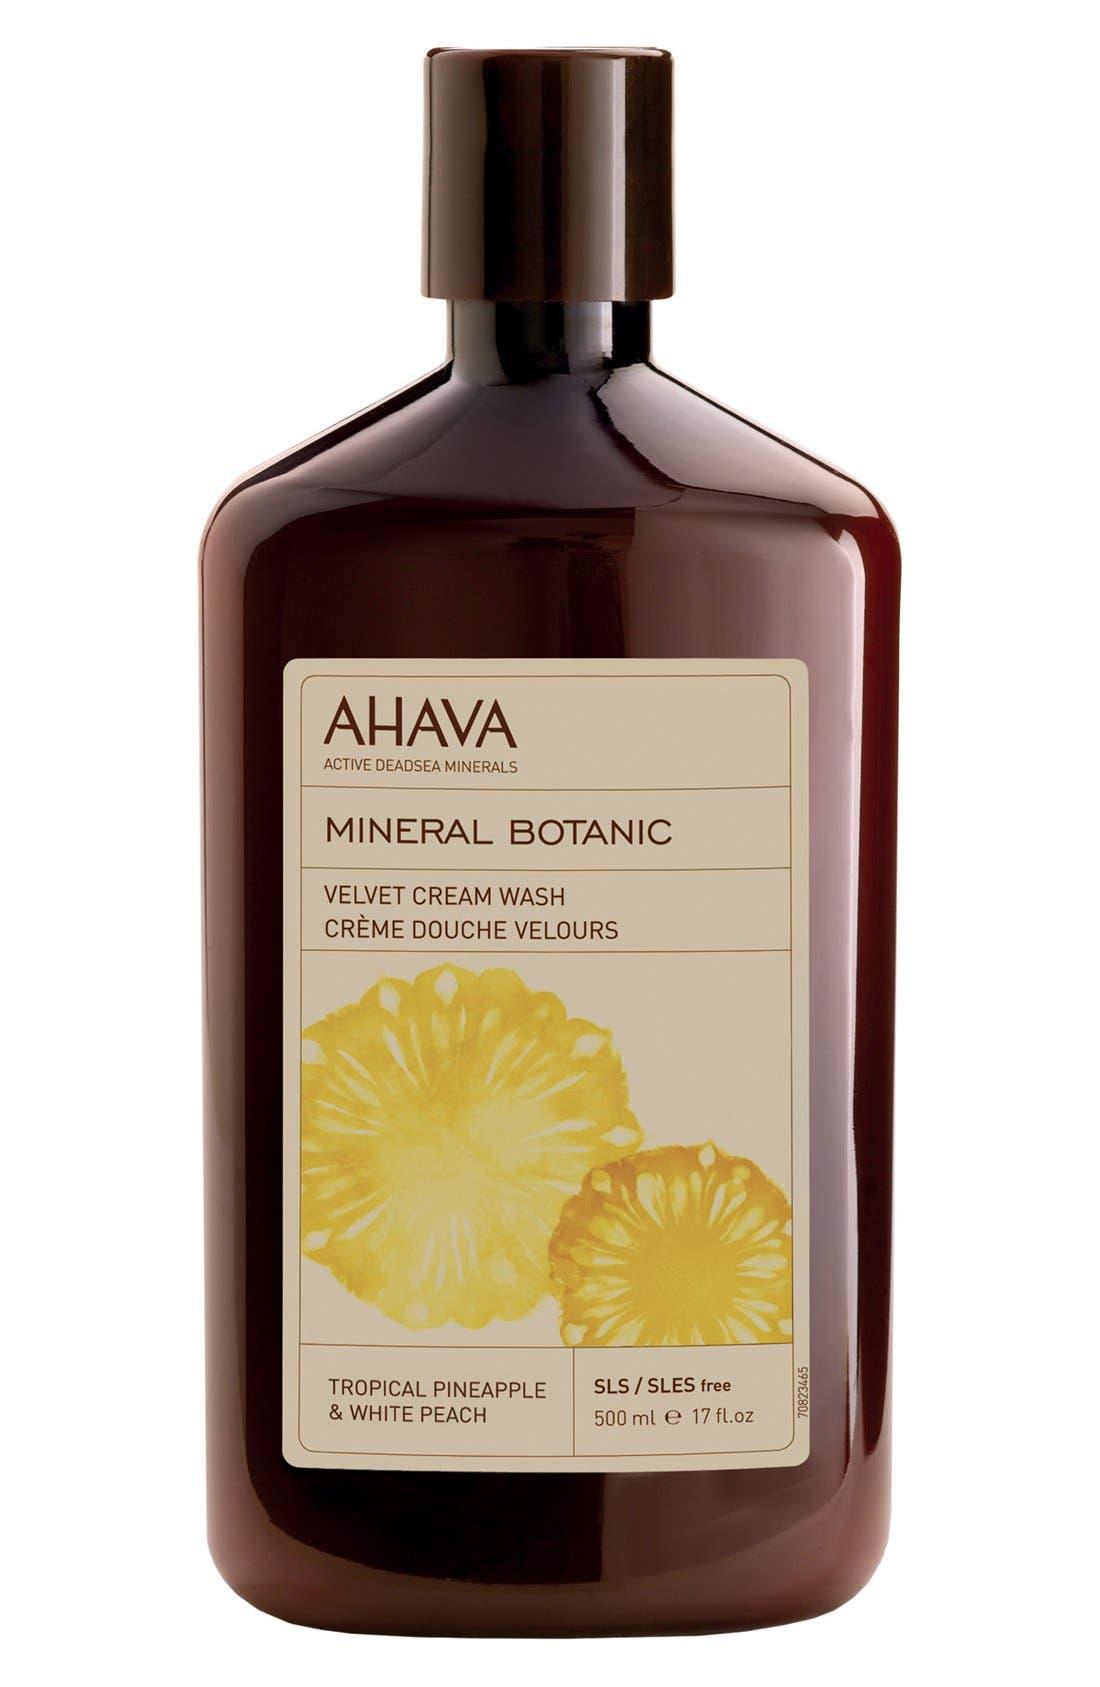 AHAVA 'Tropical Pineapple & White Peach' Mineral Botanic Velvet Cream Wash